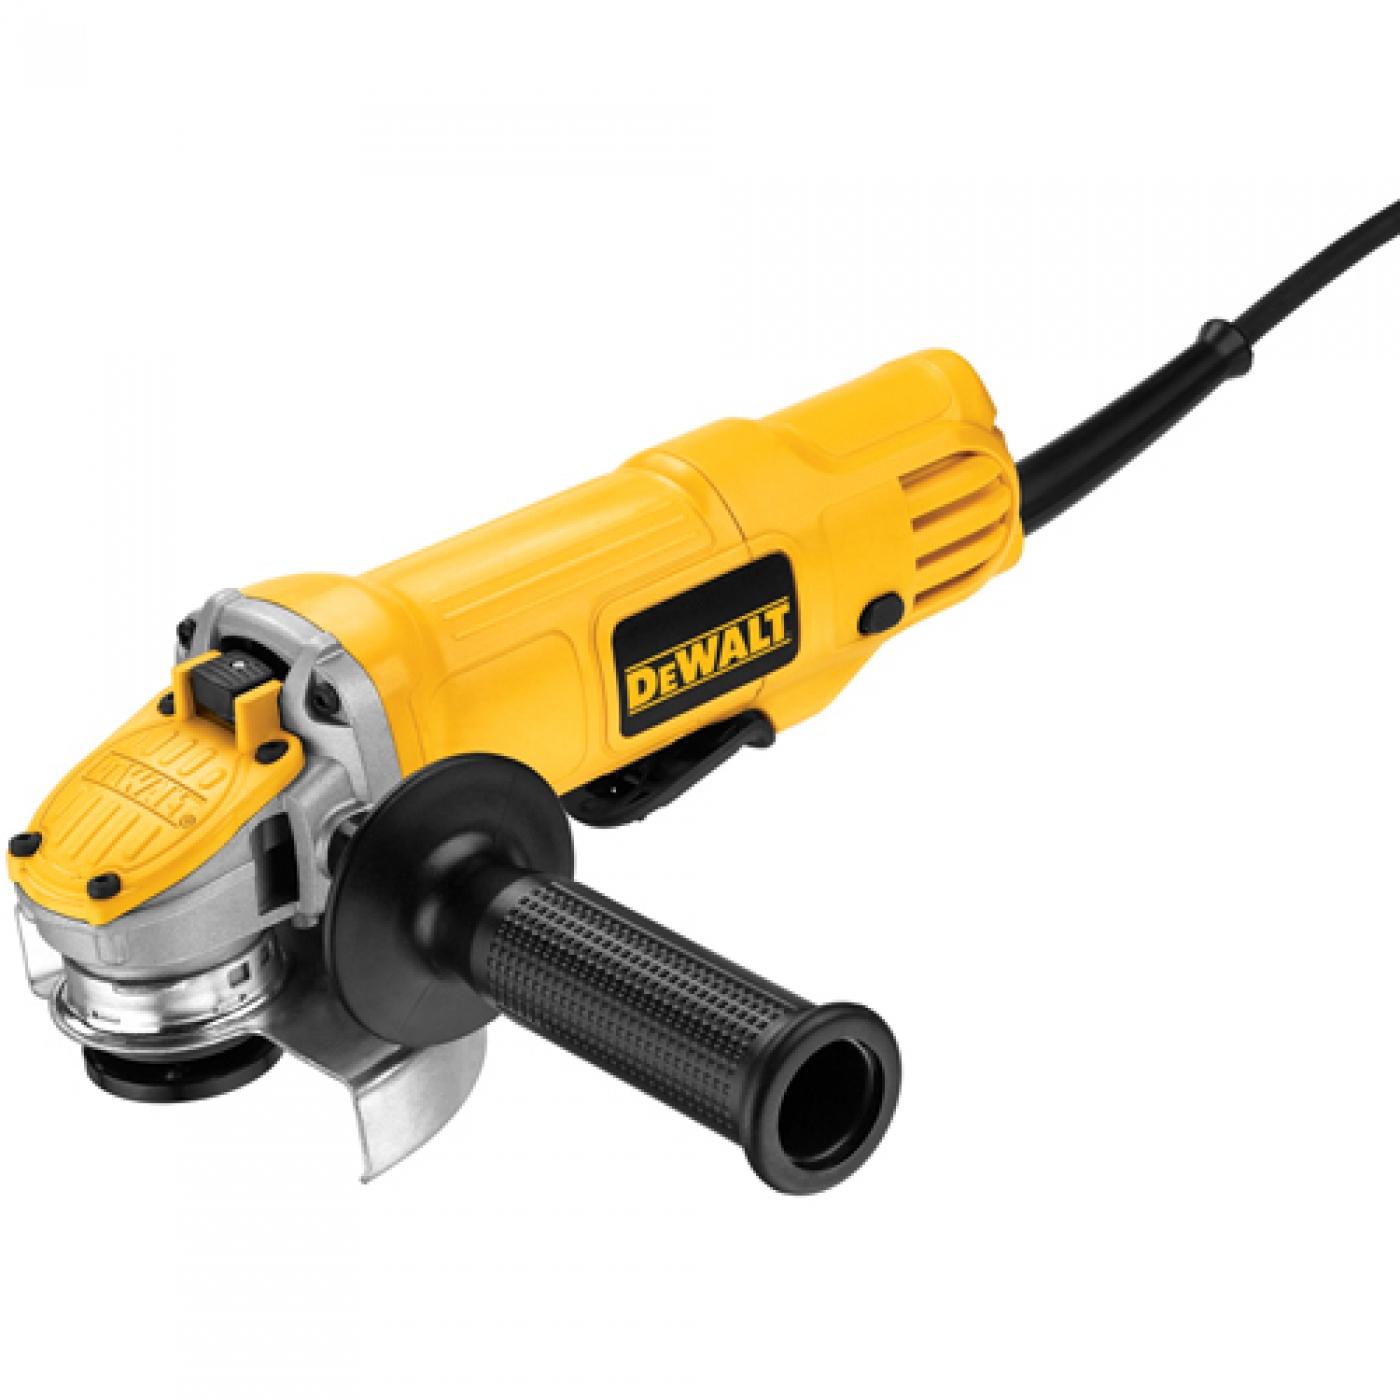 DEWALT DWE4212-B5 115MM SMALL ANGLE GRINDER 1200W 220V